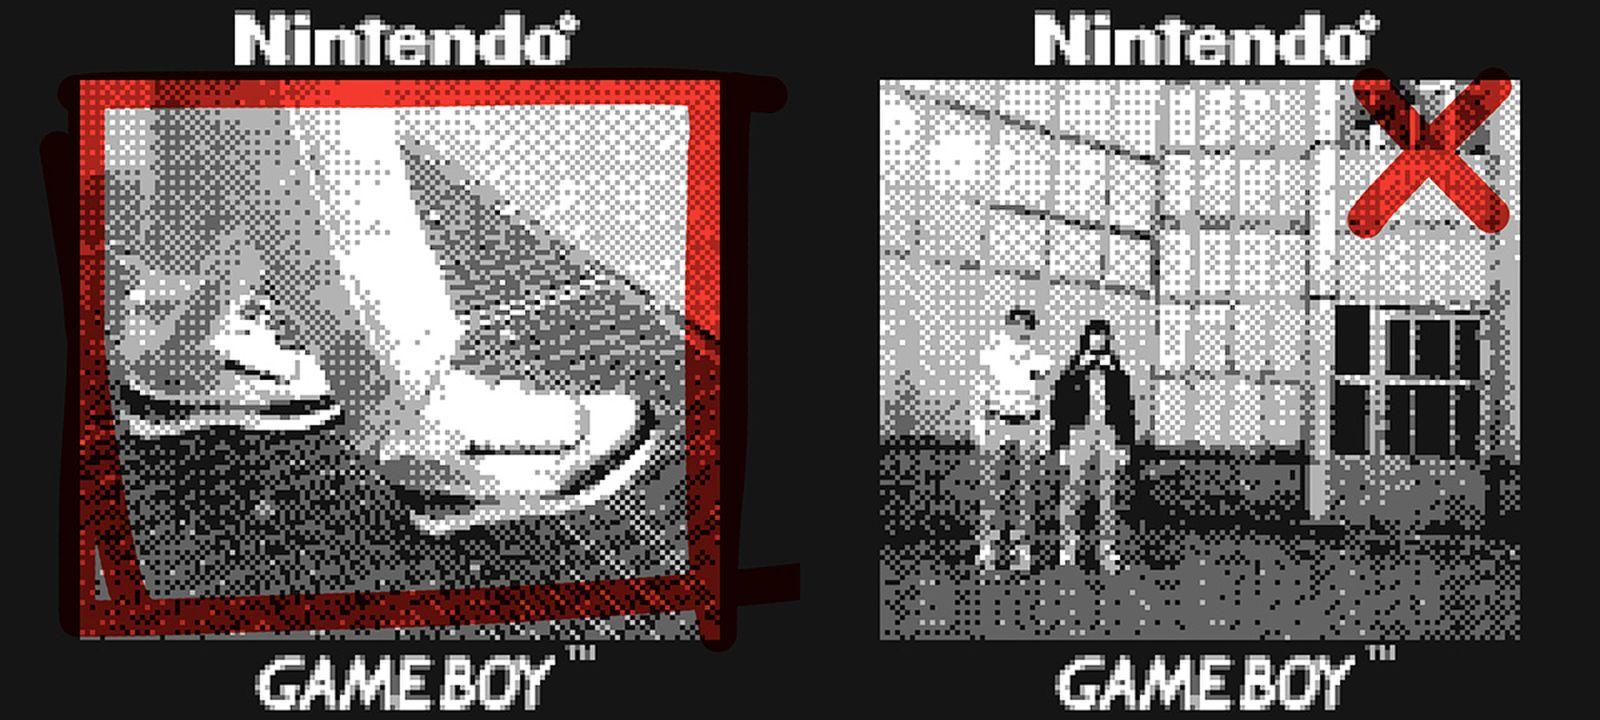 puma-gameboy-new-04